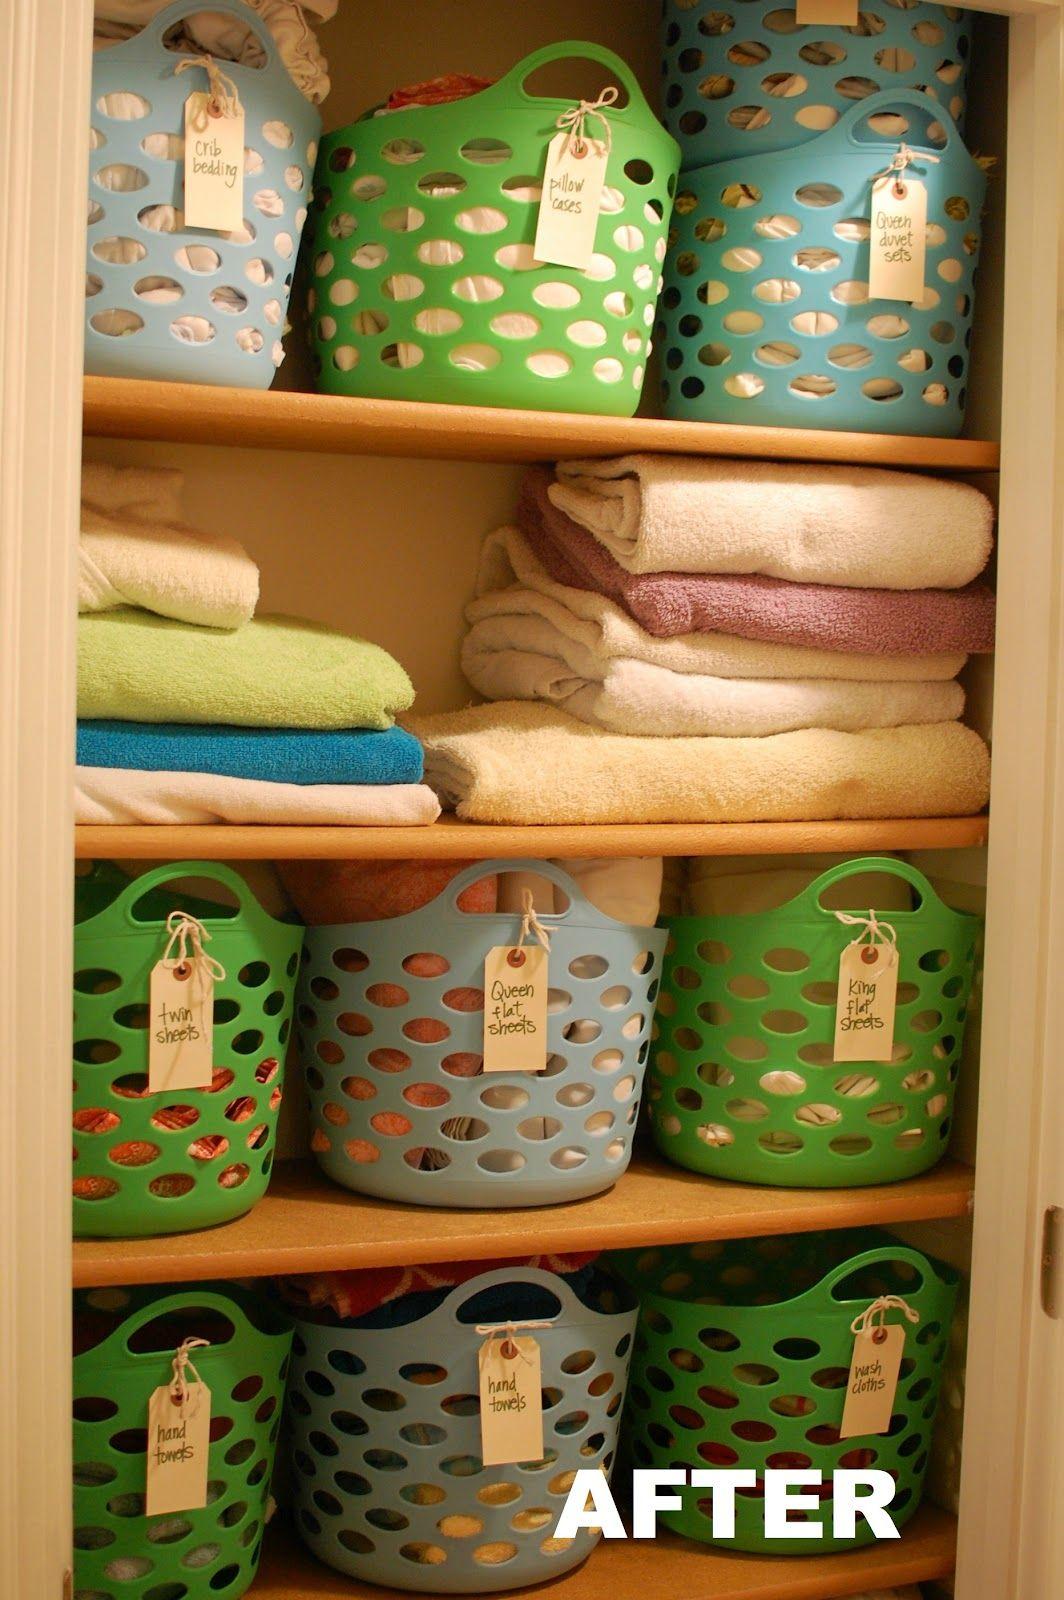 $10 linen closet redo  #Organize the linen closet on the CHEAP